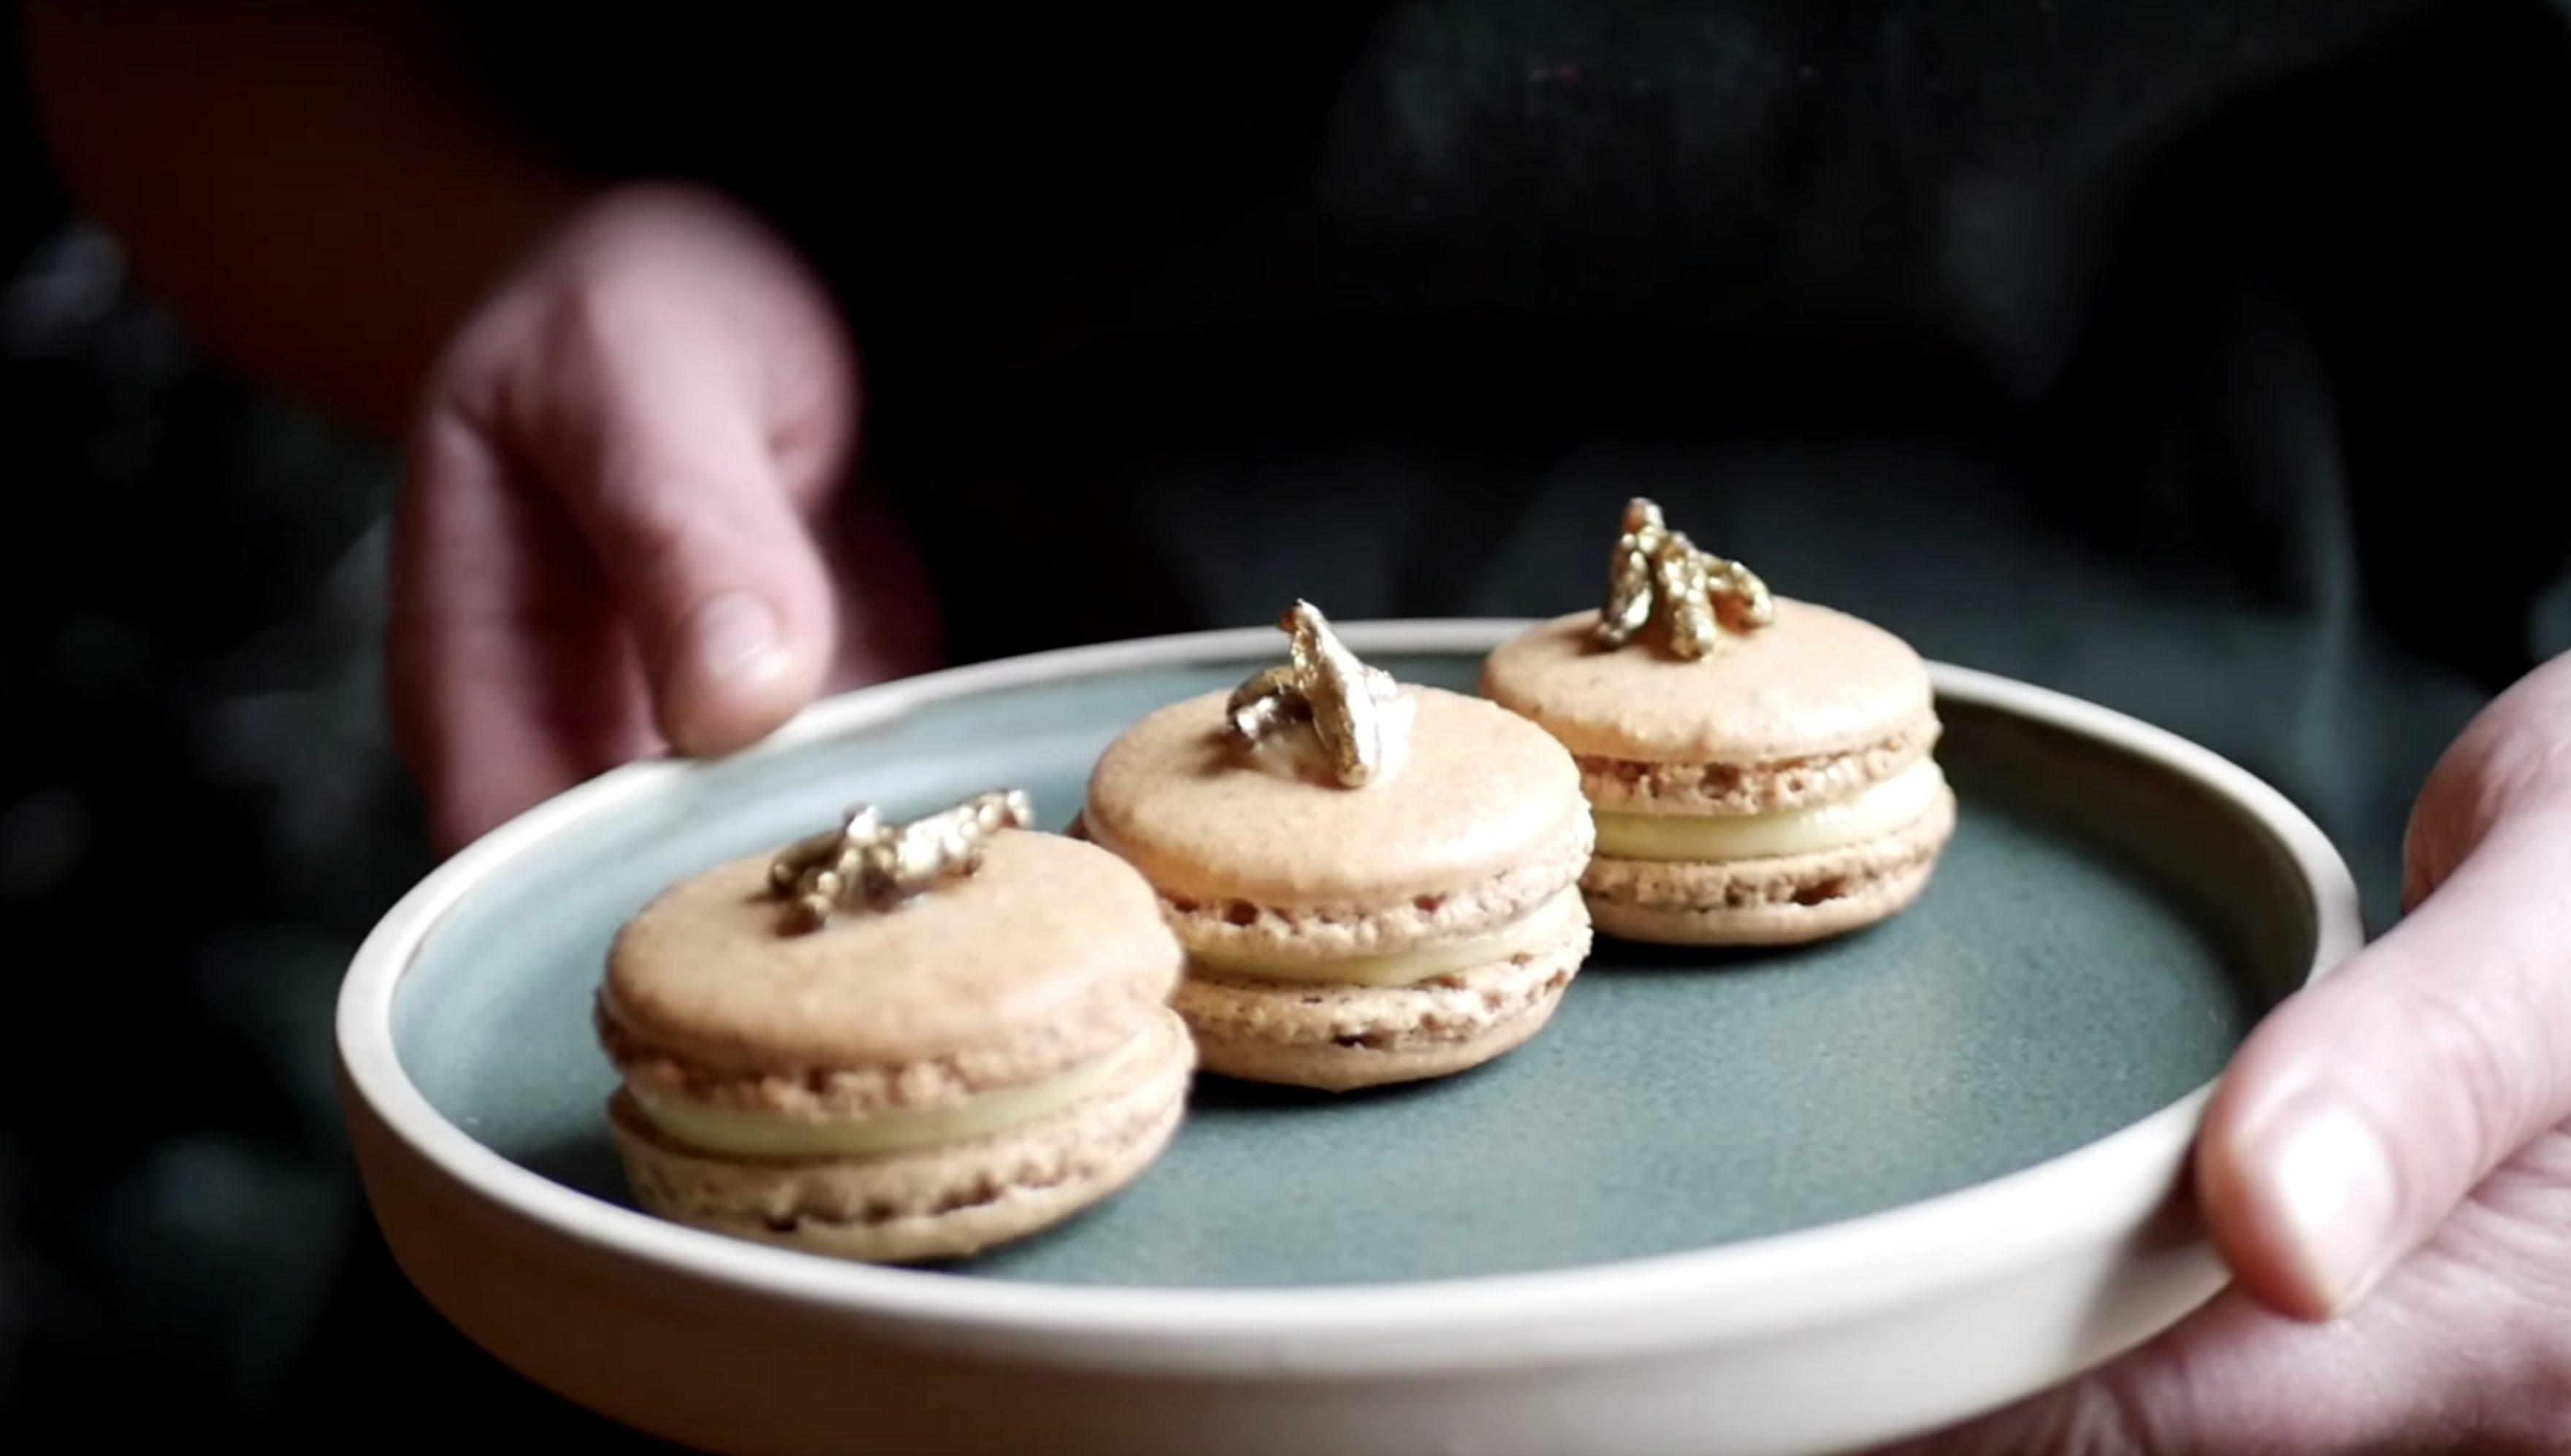 Cricket Macarons: la ricetta dei macarons con i grilli della scuola di cucina Studio Chef